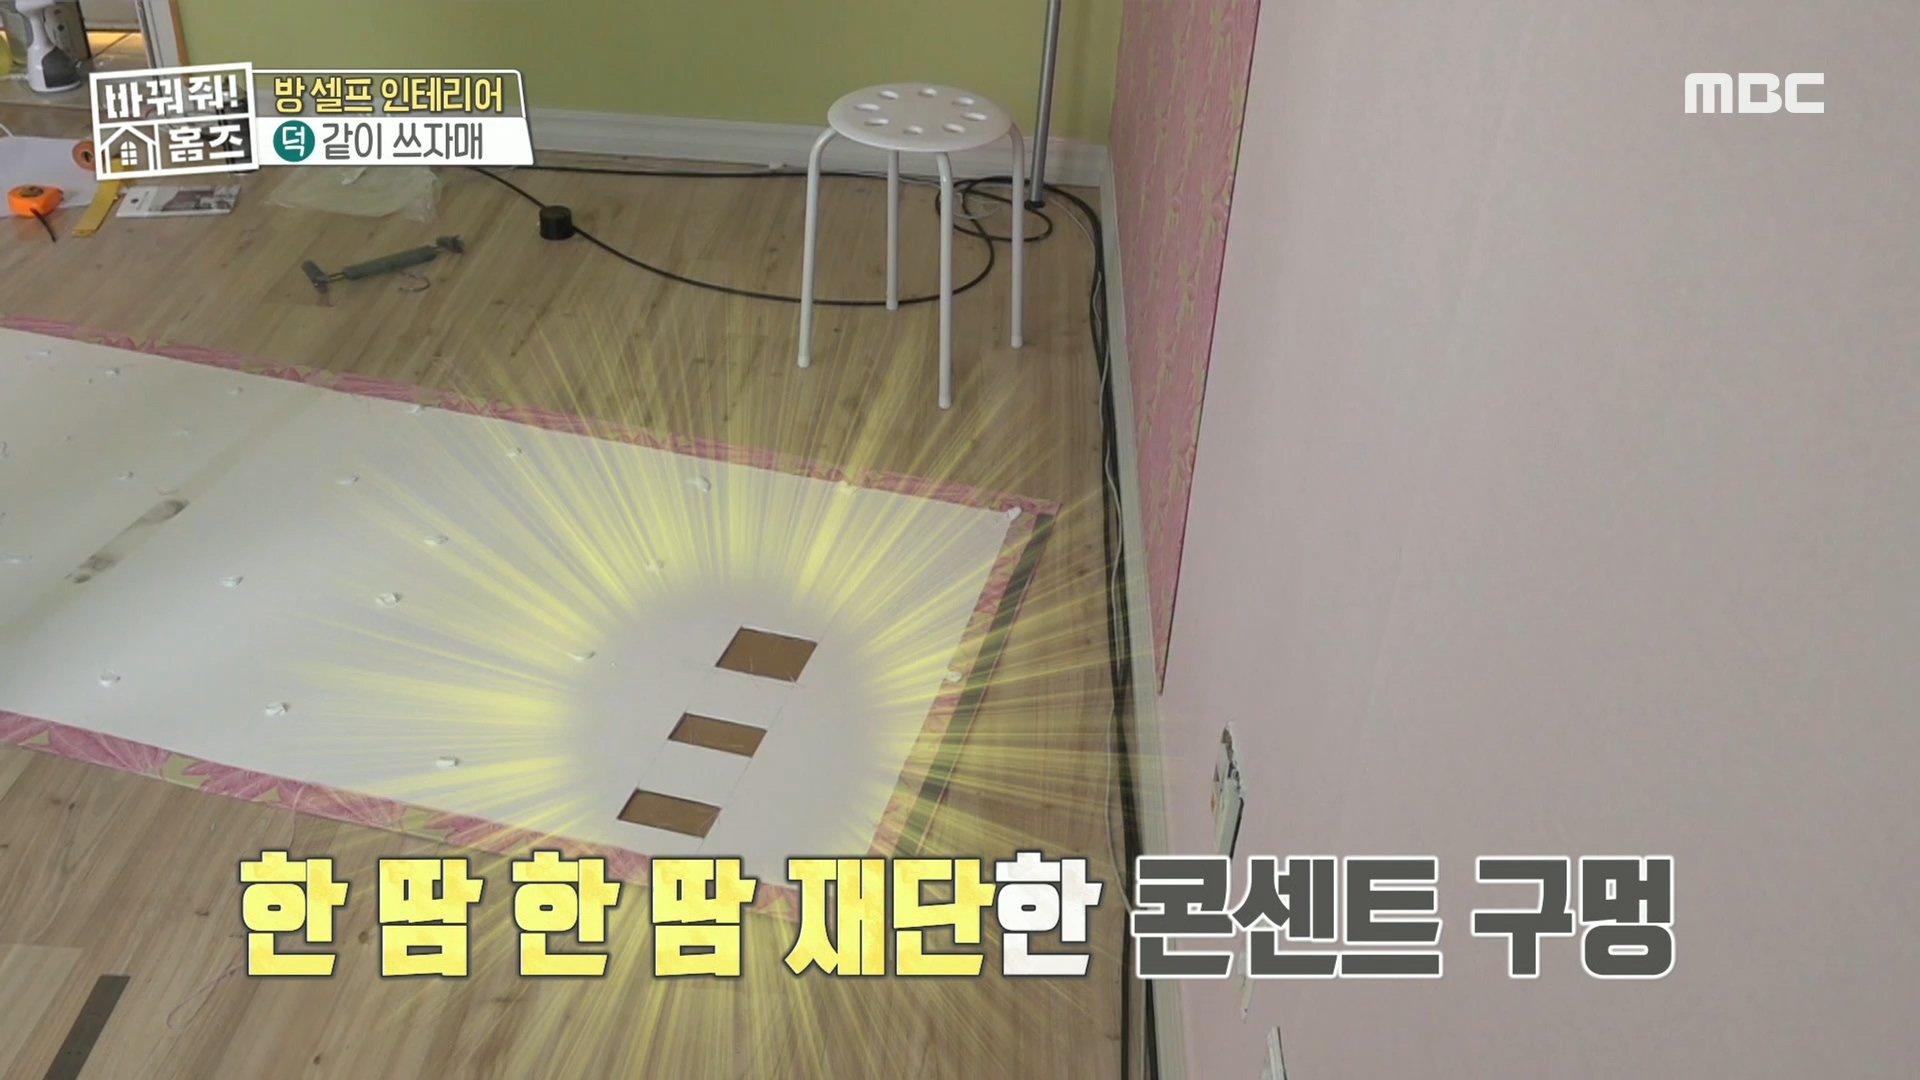 """""""걱정 안 해도 돼~"""" 한 땀 한땀 재단한 콘센트 구멍! <같이 쓰자매>팀 아버지의 힘👪💪, MBC 210417 방송"""